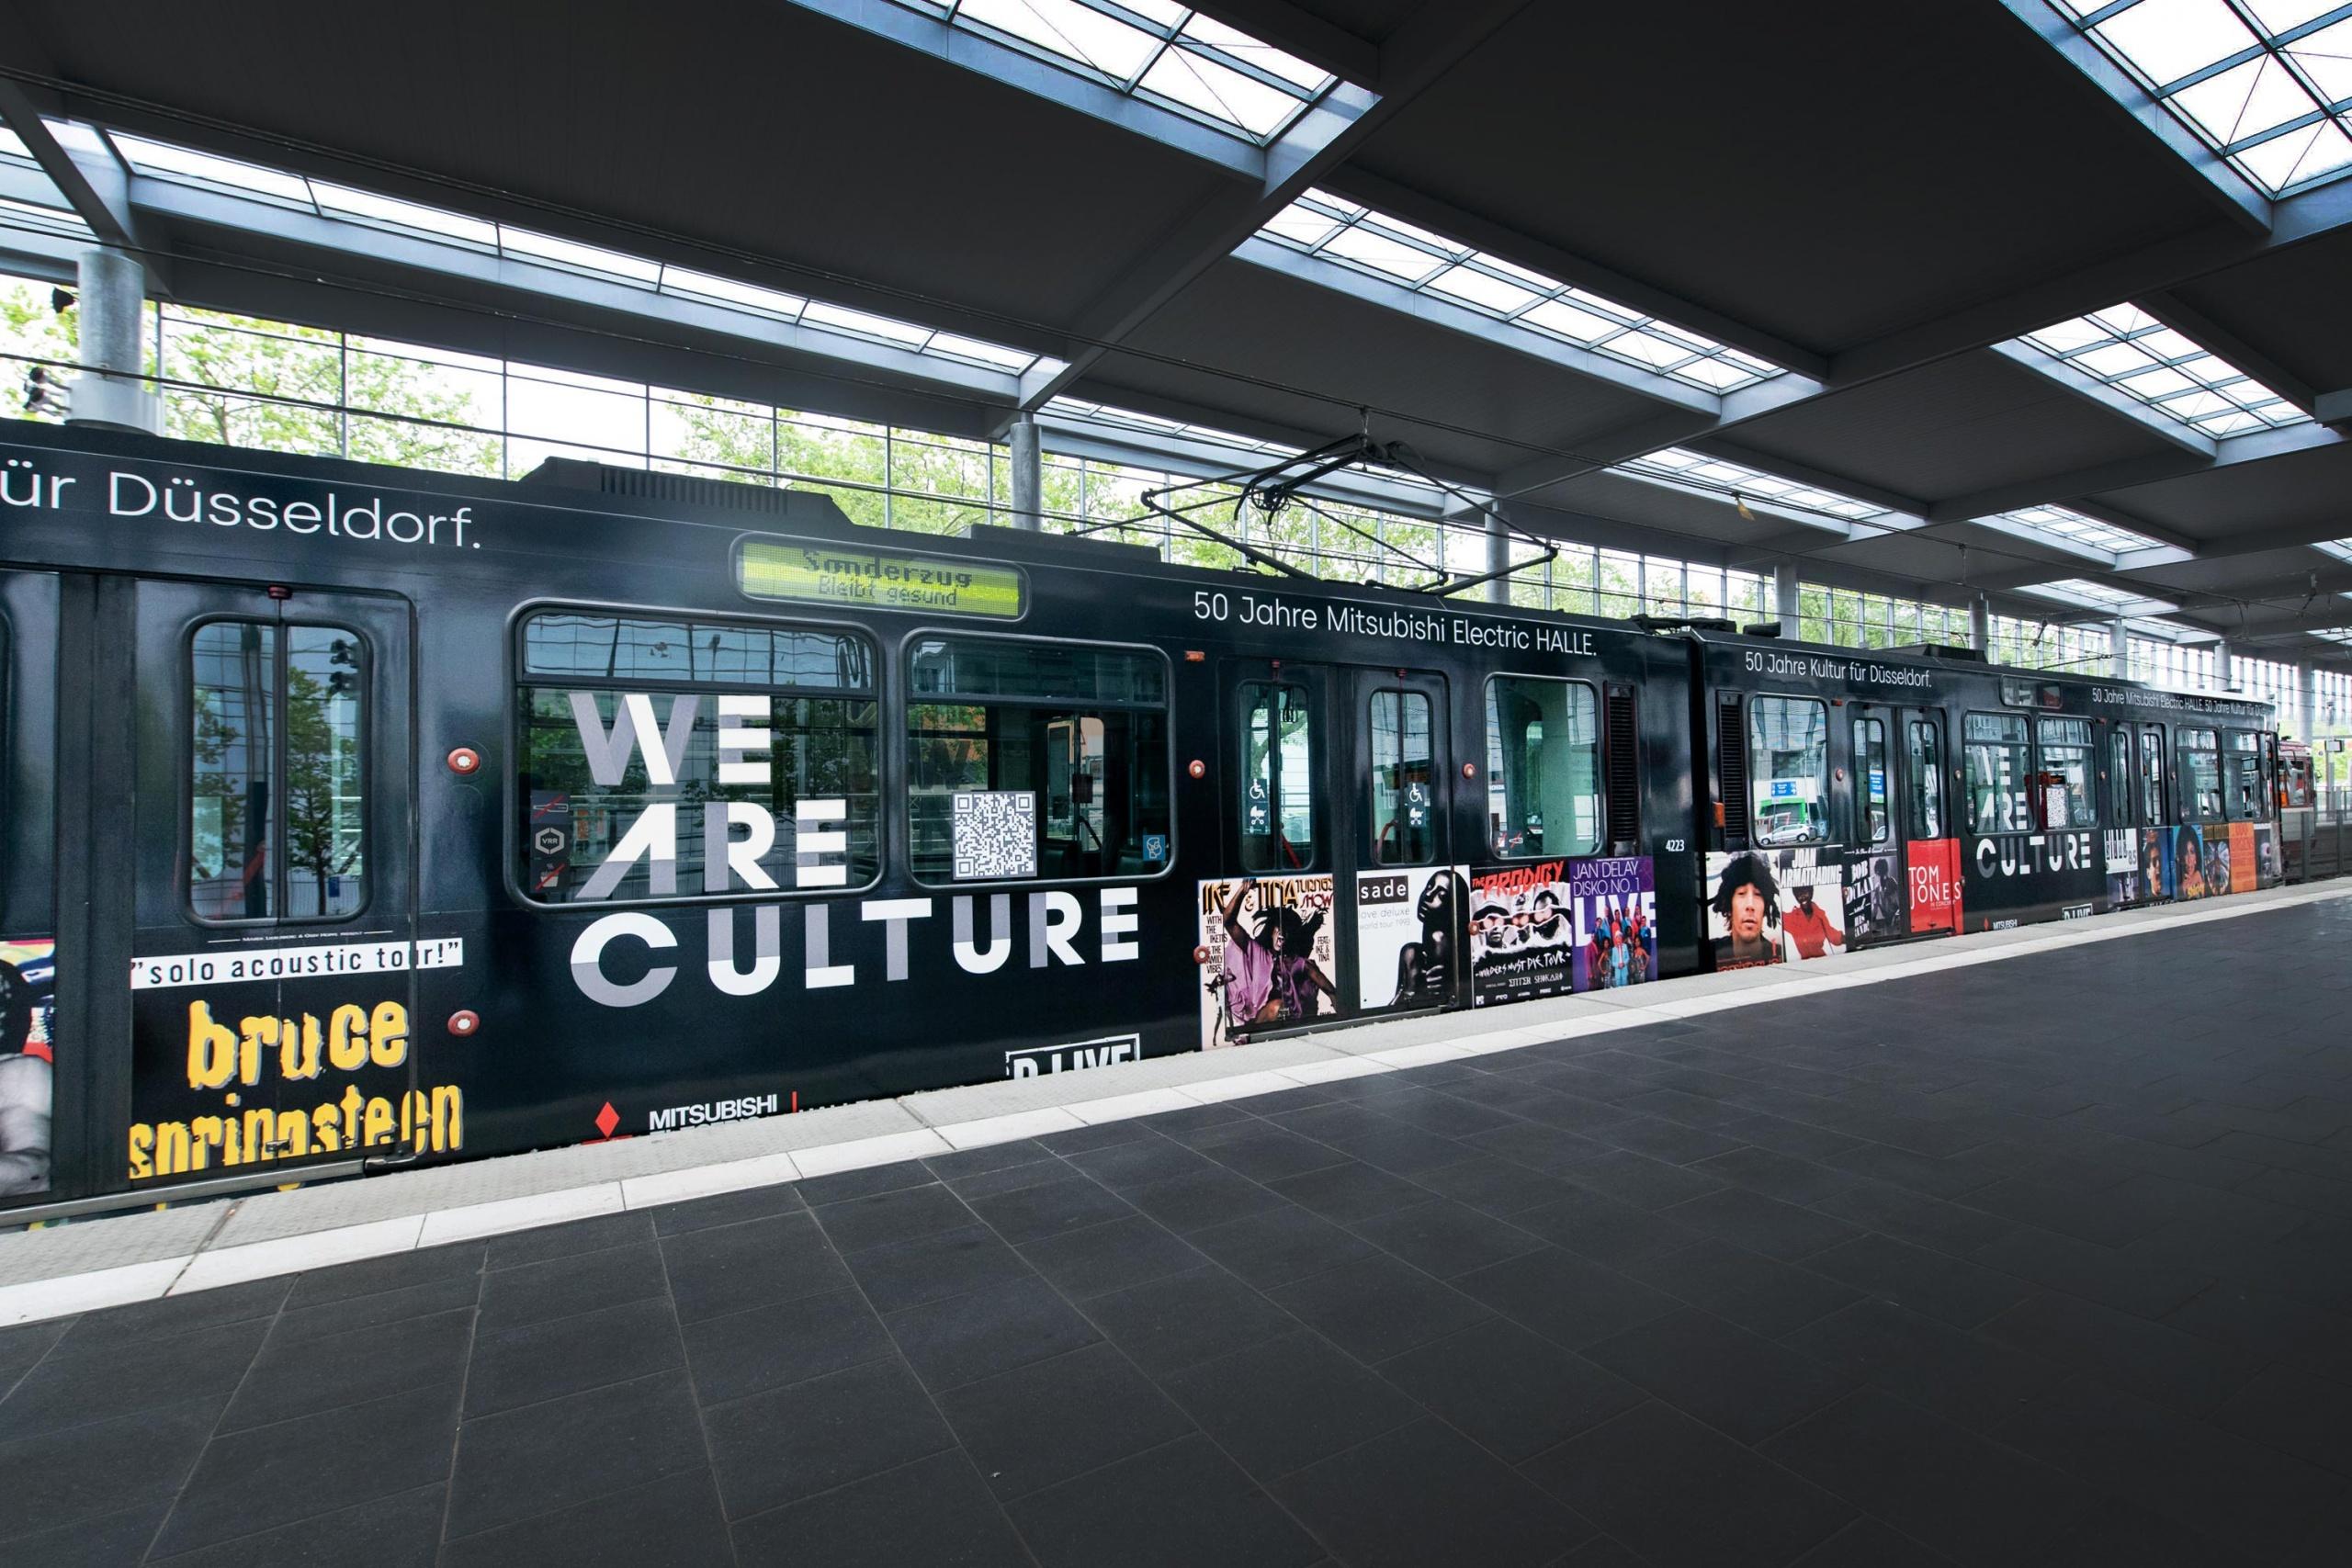 Düsseldorf: Rheinbahn mit Highlights aus 50 Jahren Mitsubishi Electric HALLE